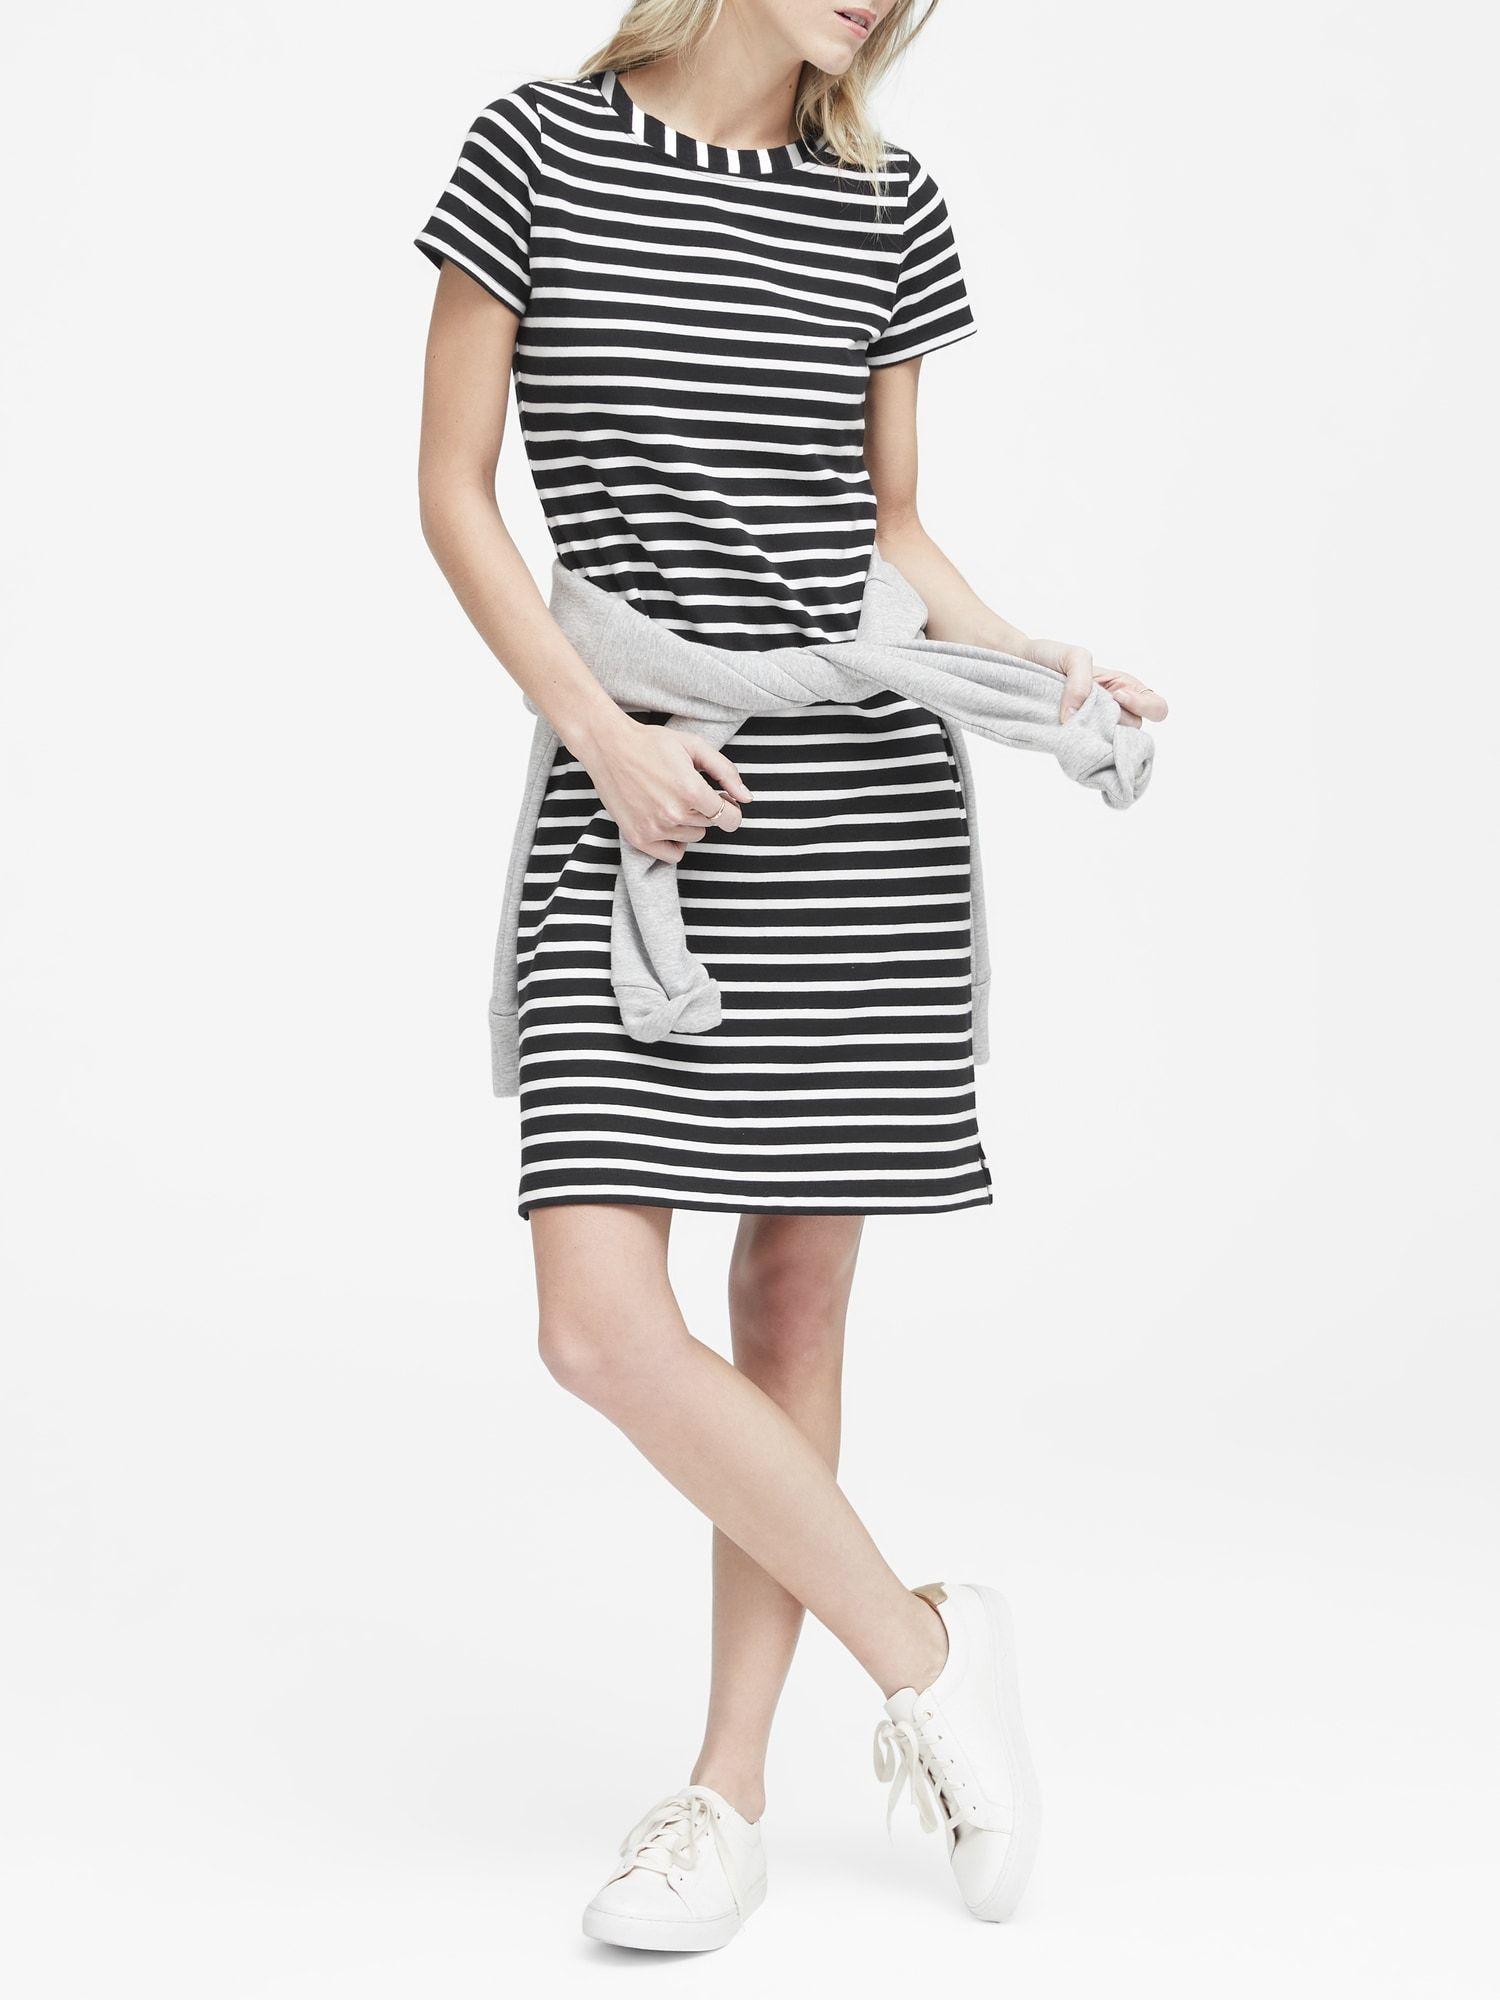 25576c21a8d638 Stripe T-Shirt Dress in 2019 | Wish list | Striped t shirt dress ...